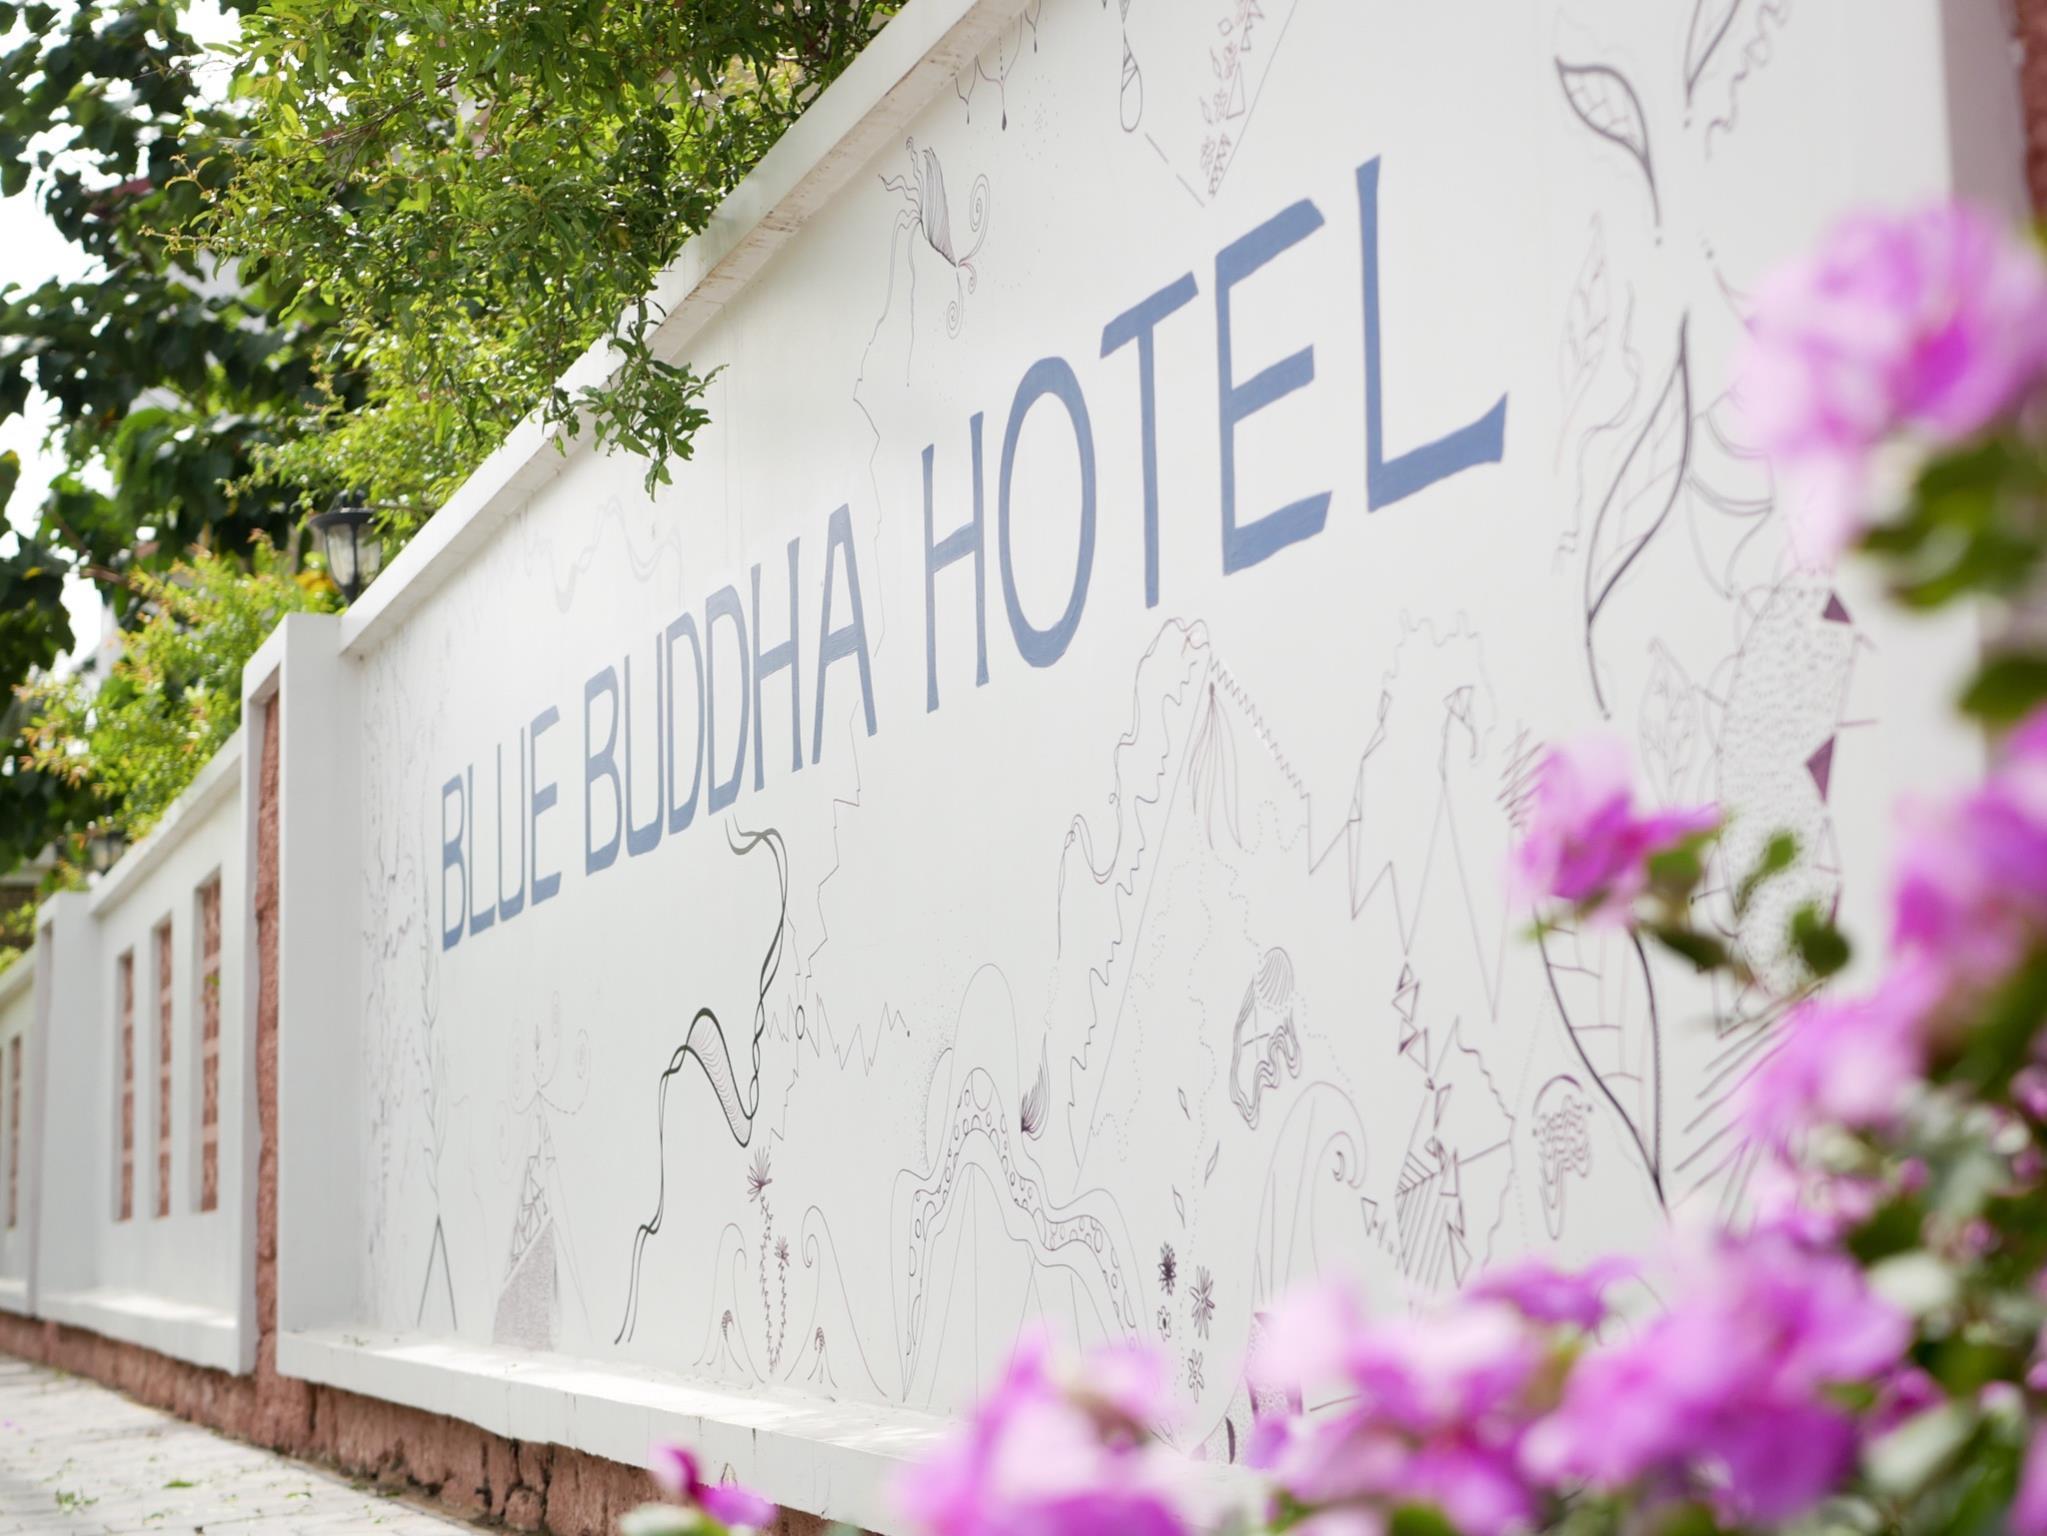 Blue Buddha Hotel